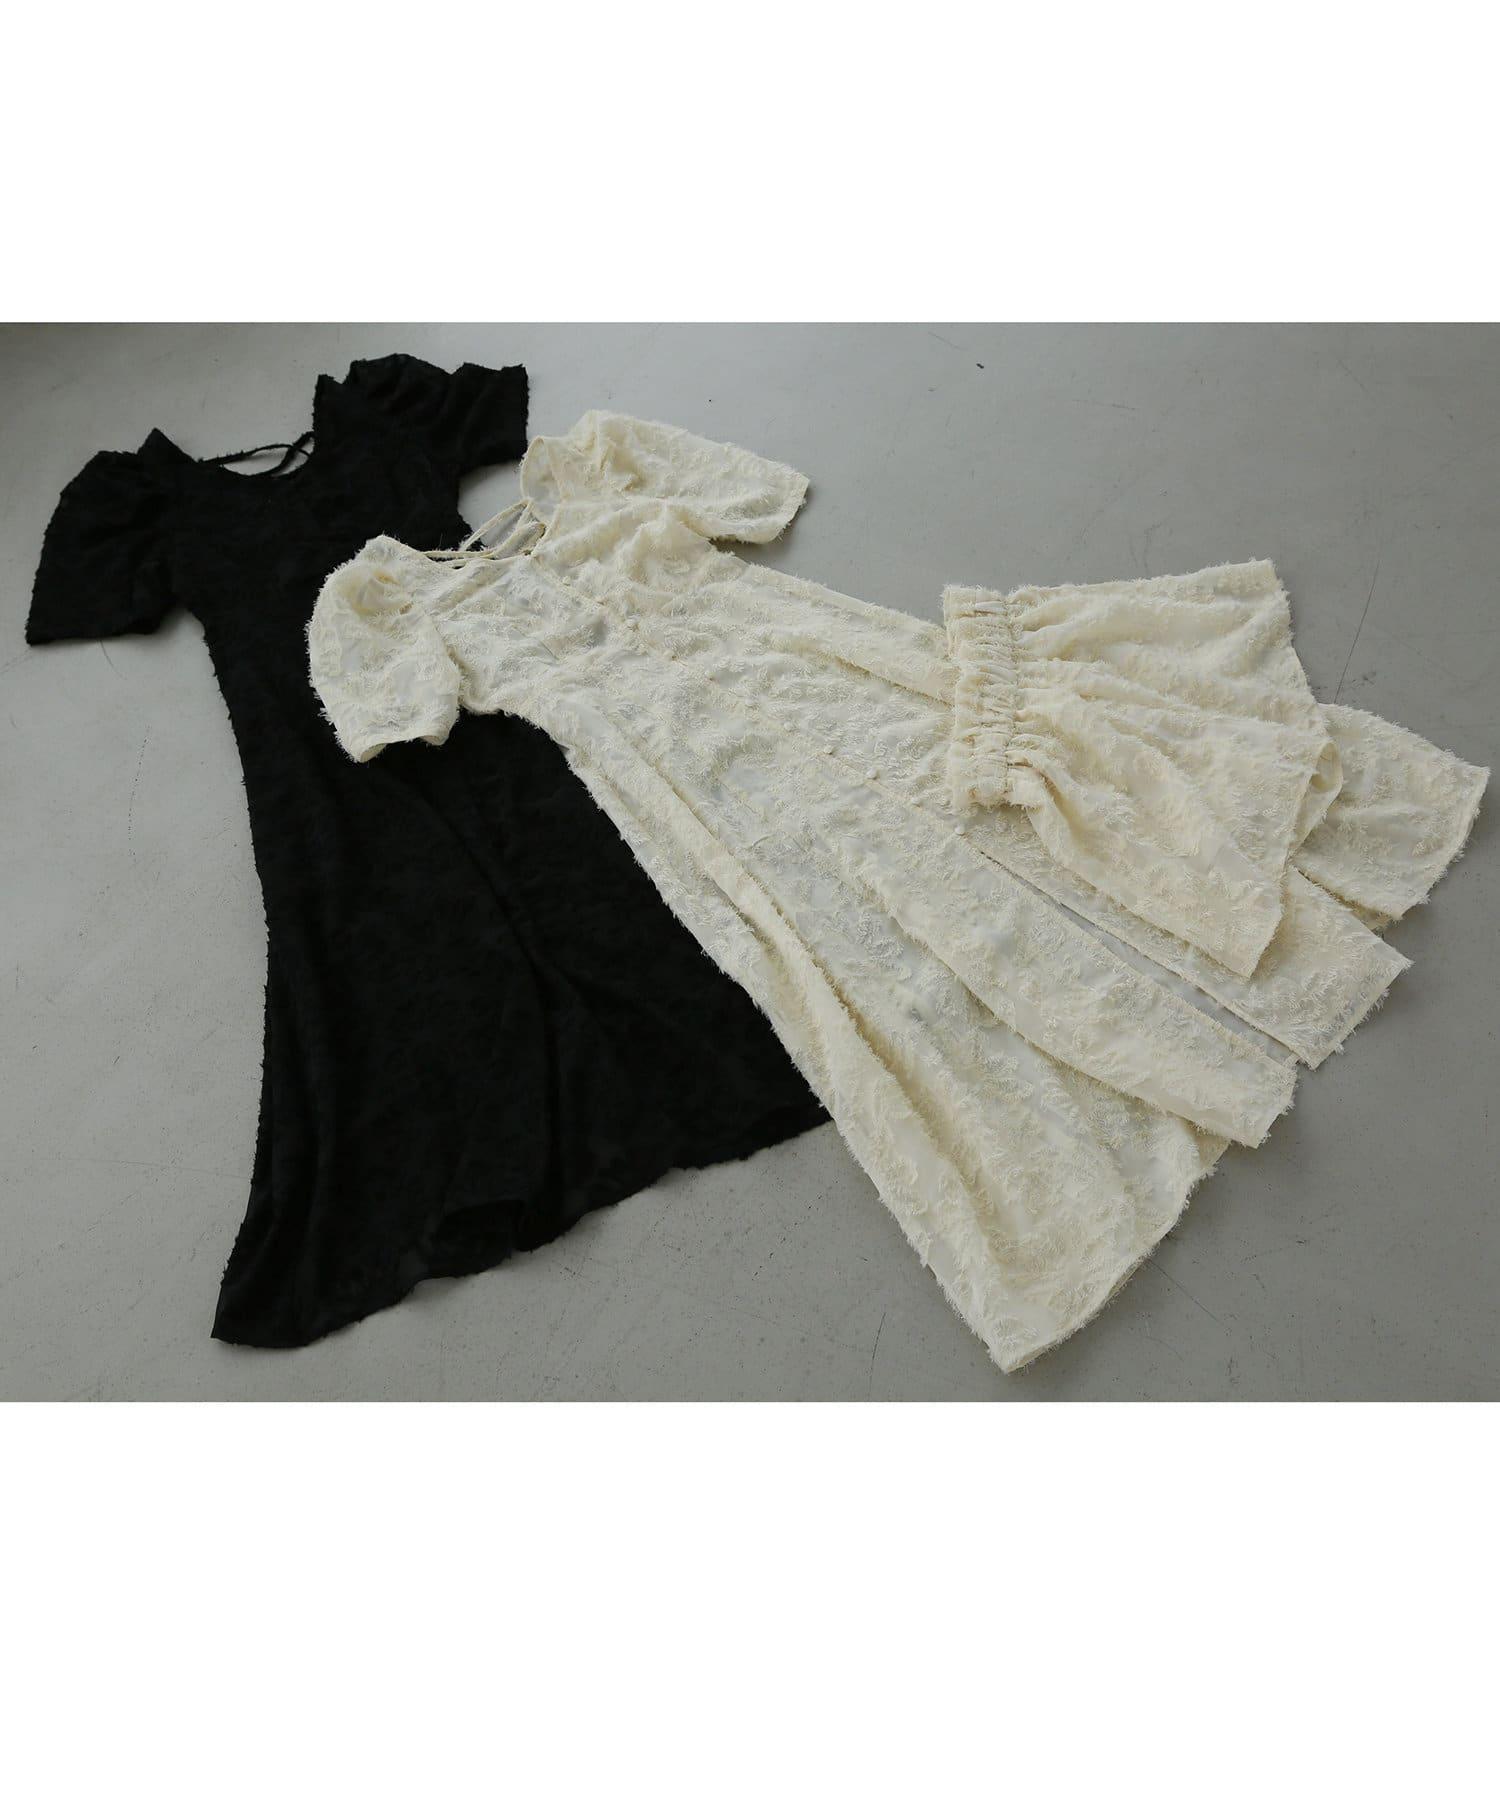 Seemi.by NICE CLAUP(シーミーバイナイスクラップ) サマードレス(ショートパンツセット)